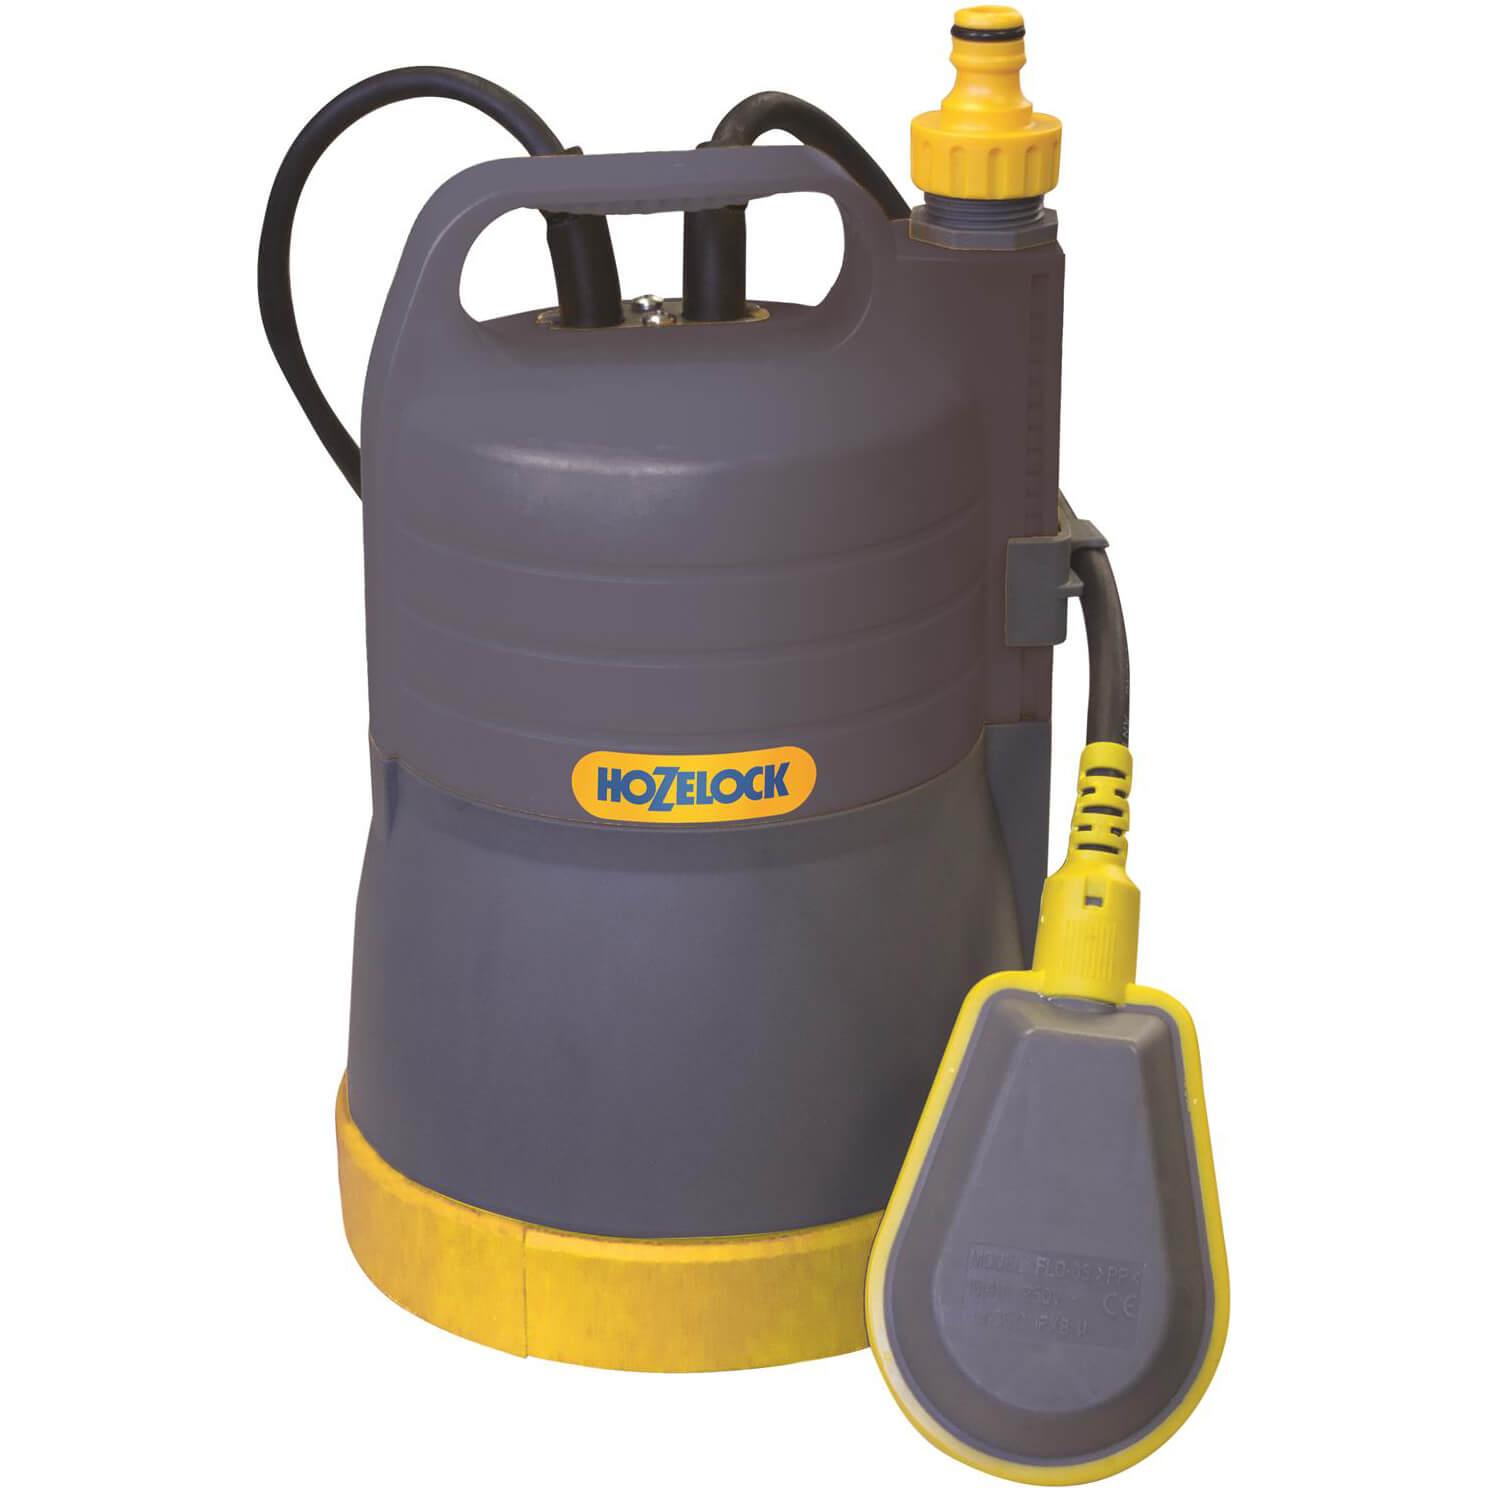 Hozelock 2826 Submersible Dirty Water Pump 240v